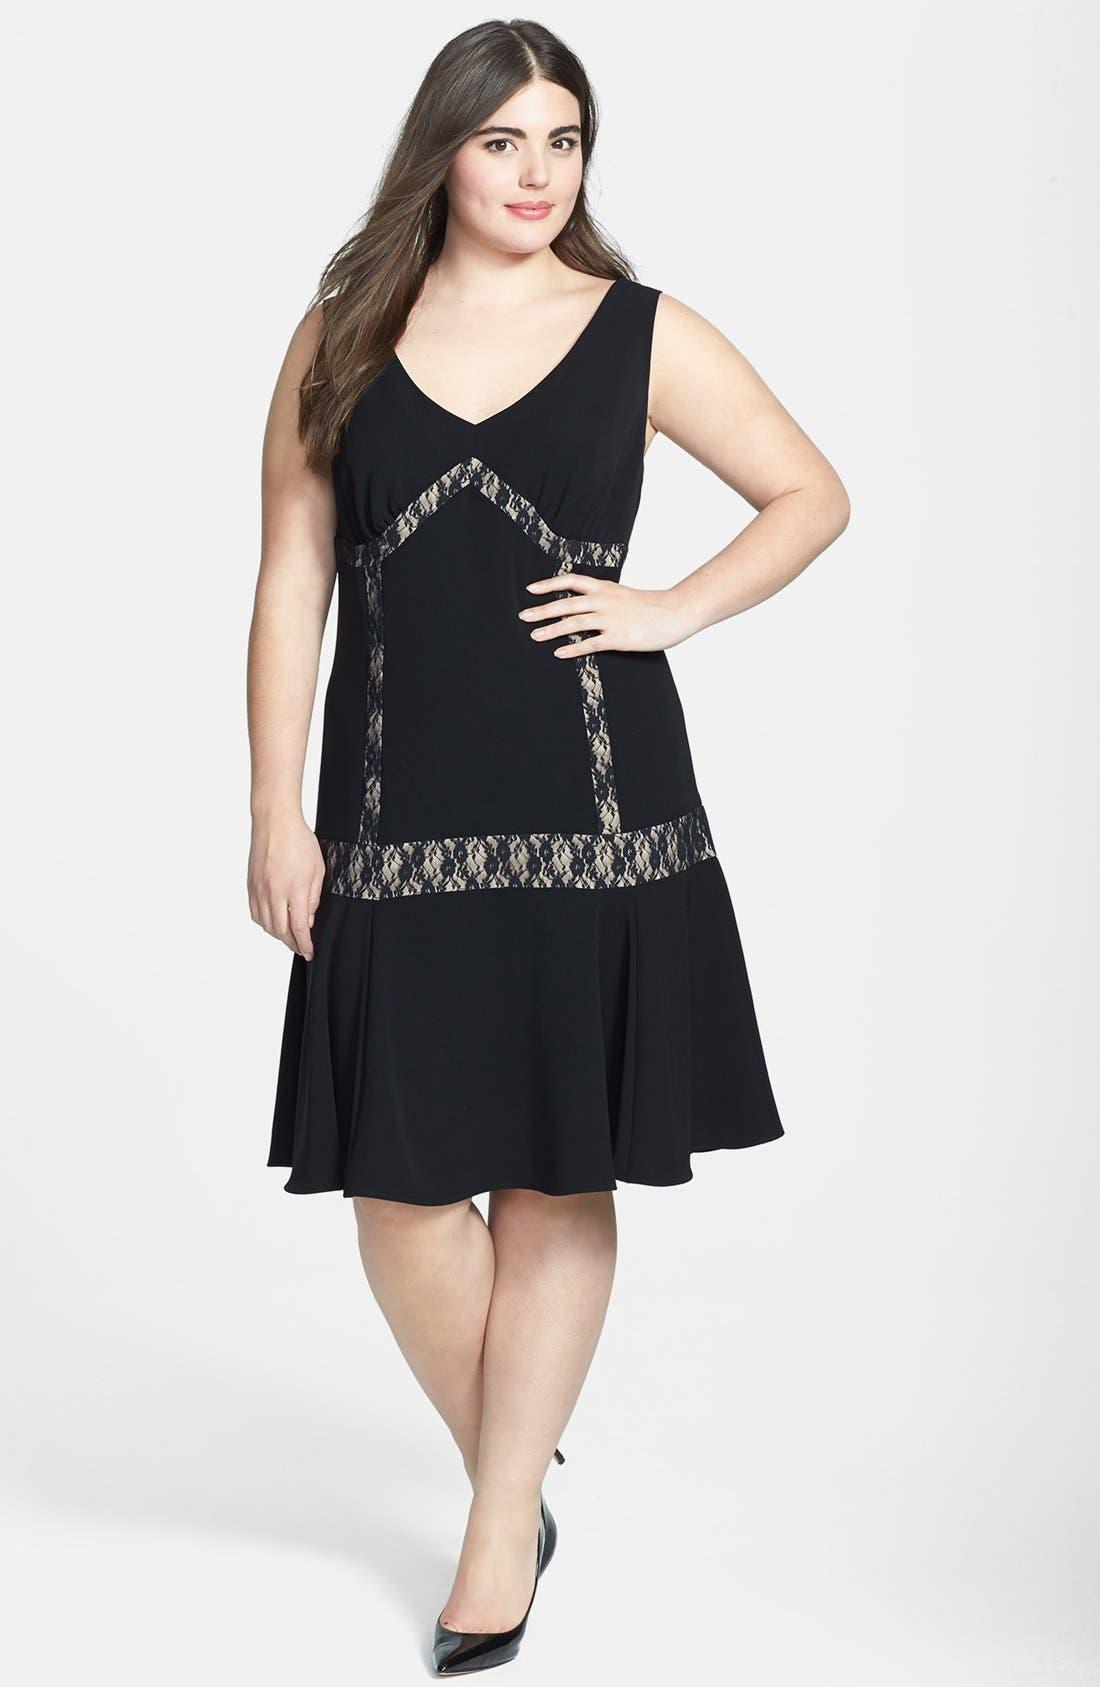 Main Image - ABS by Allen Schwartz Lace Inset Drop Waist Dress (Plus Size)